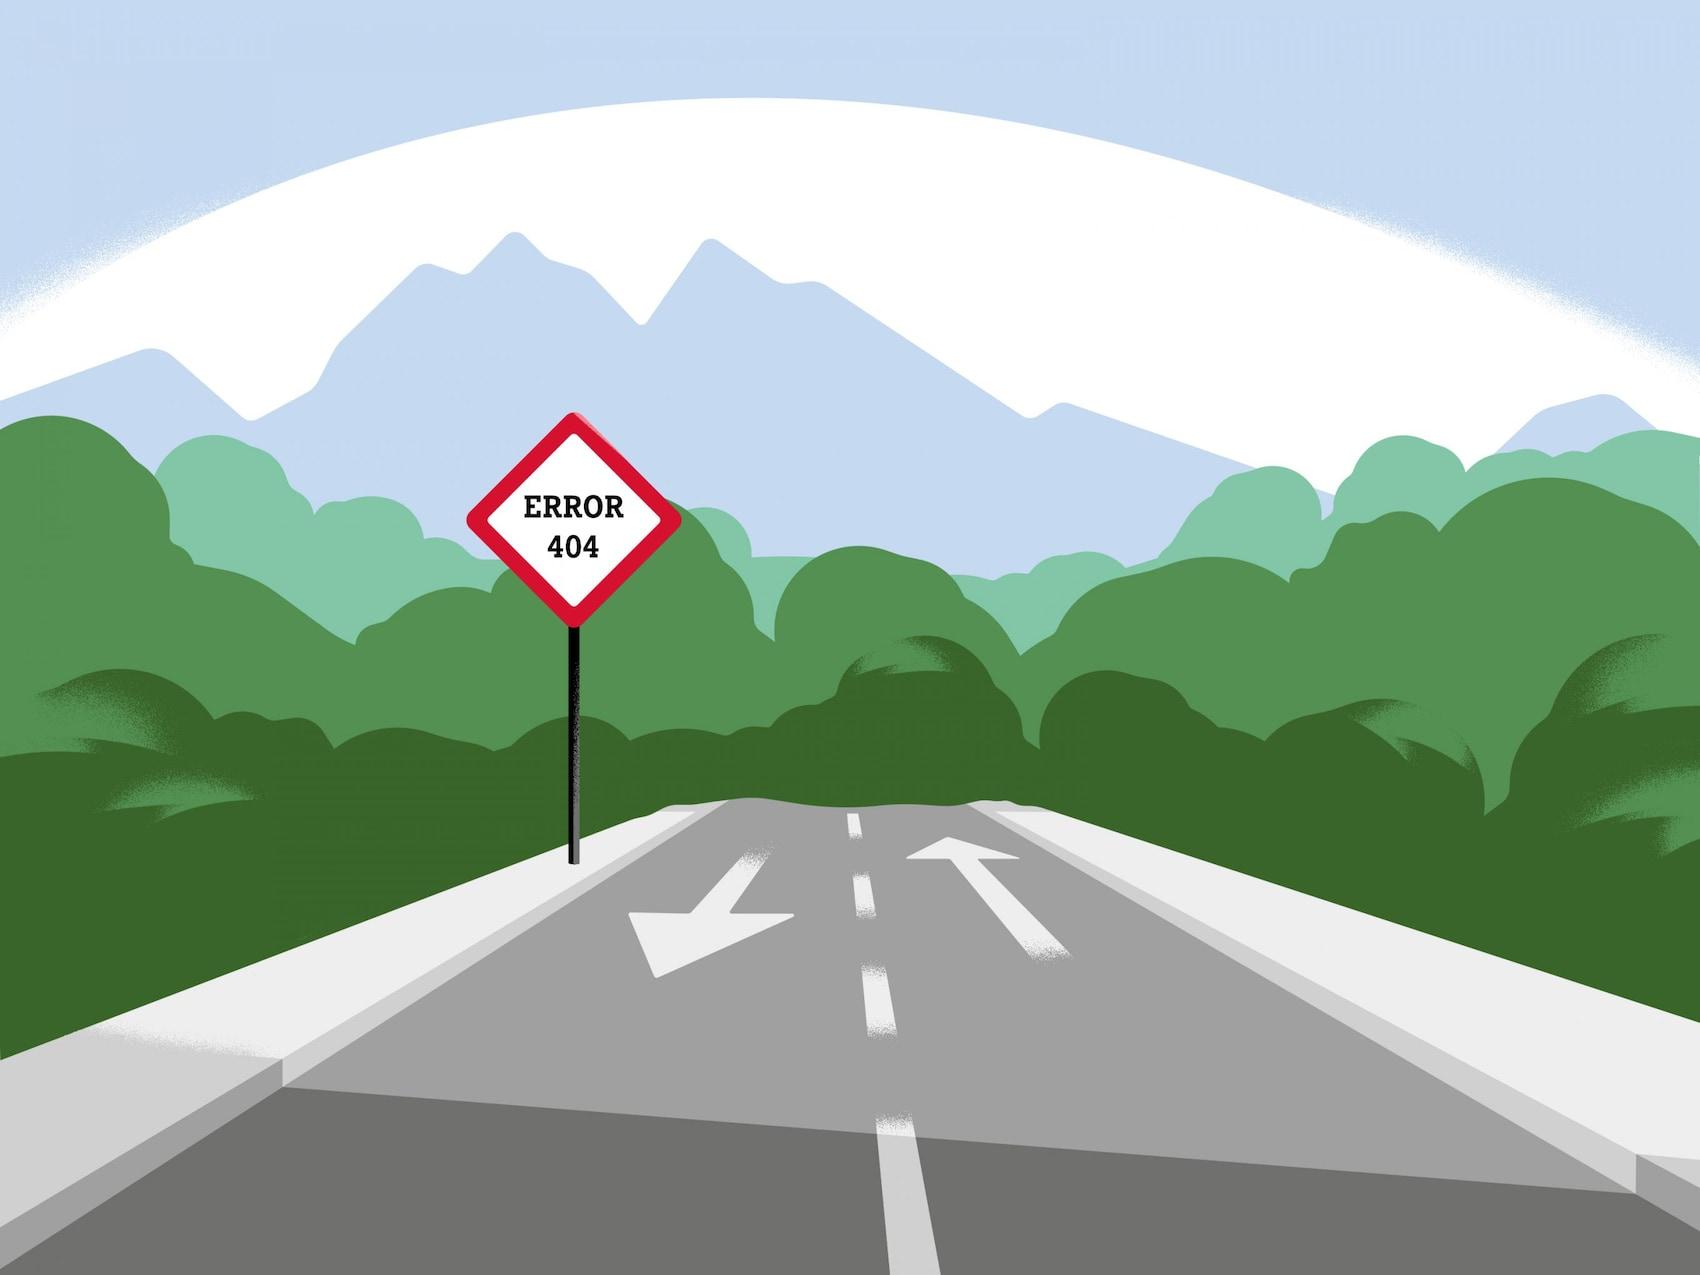 Eine Landstraße mit einem Verkehrszeichen, auf dem 404 dargestellt wird.